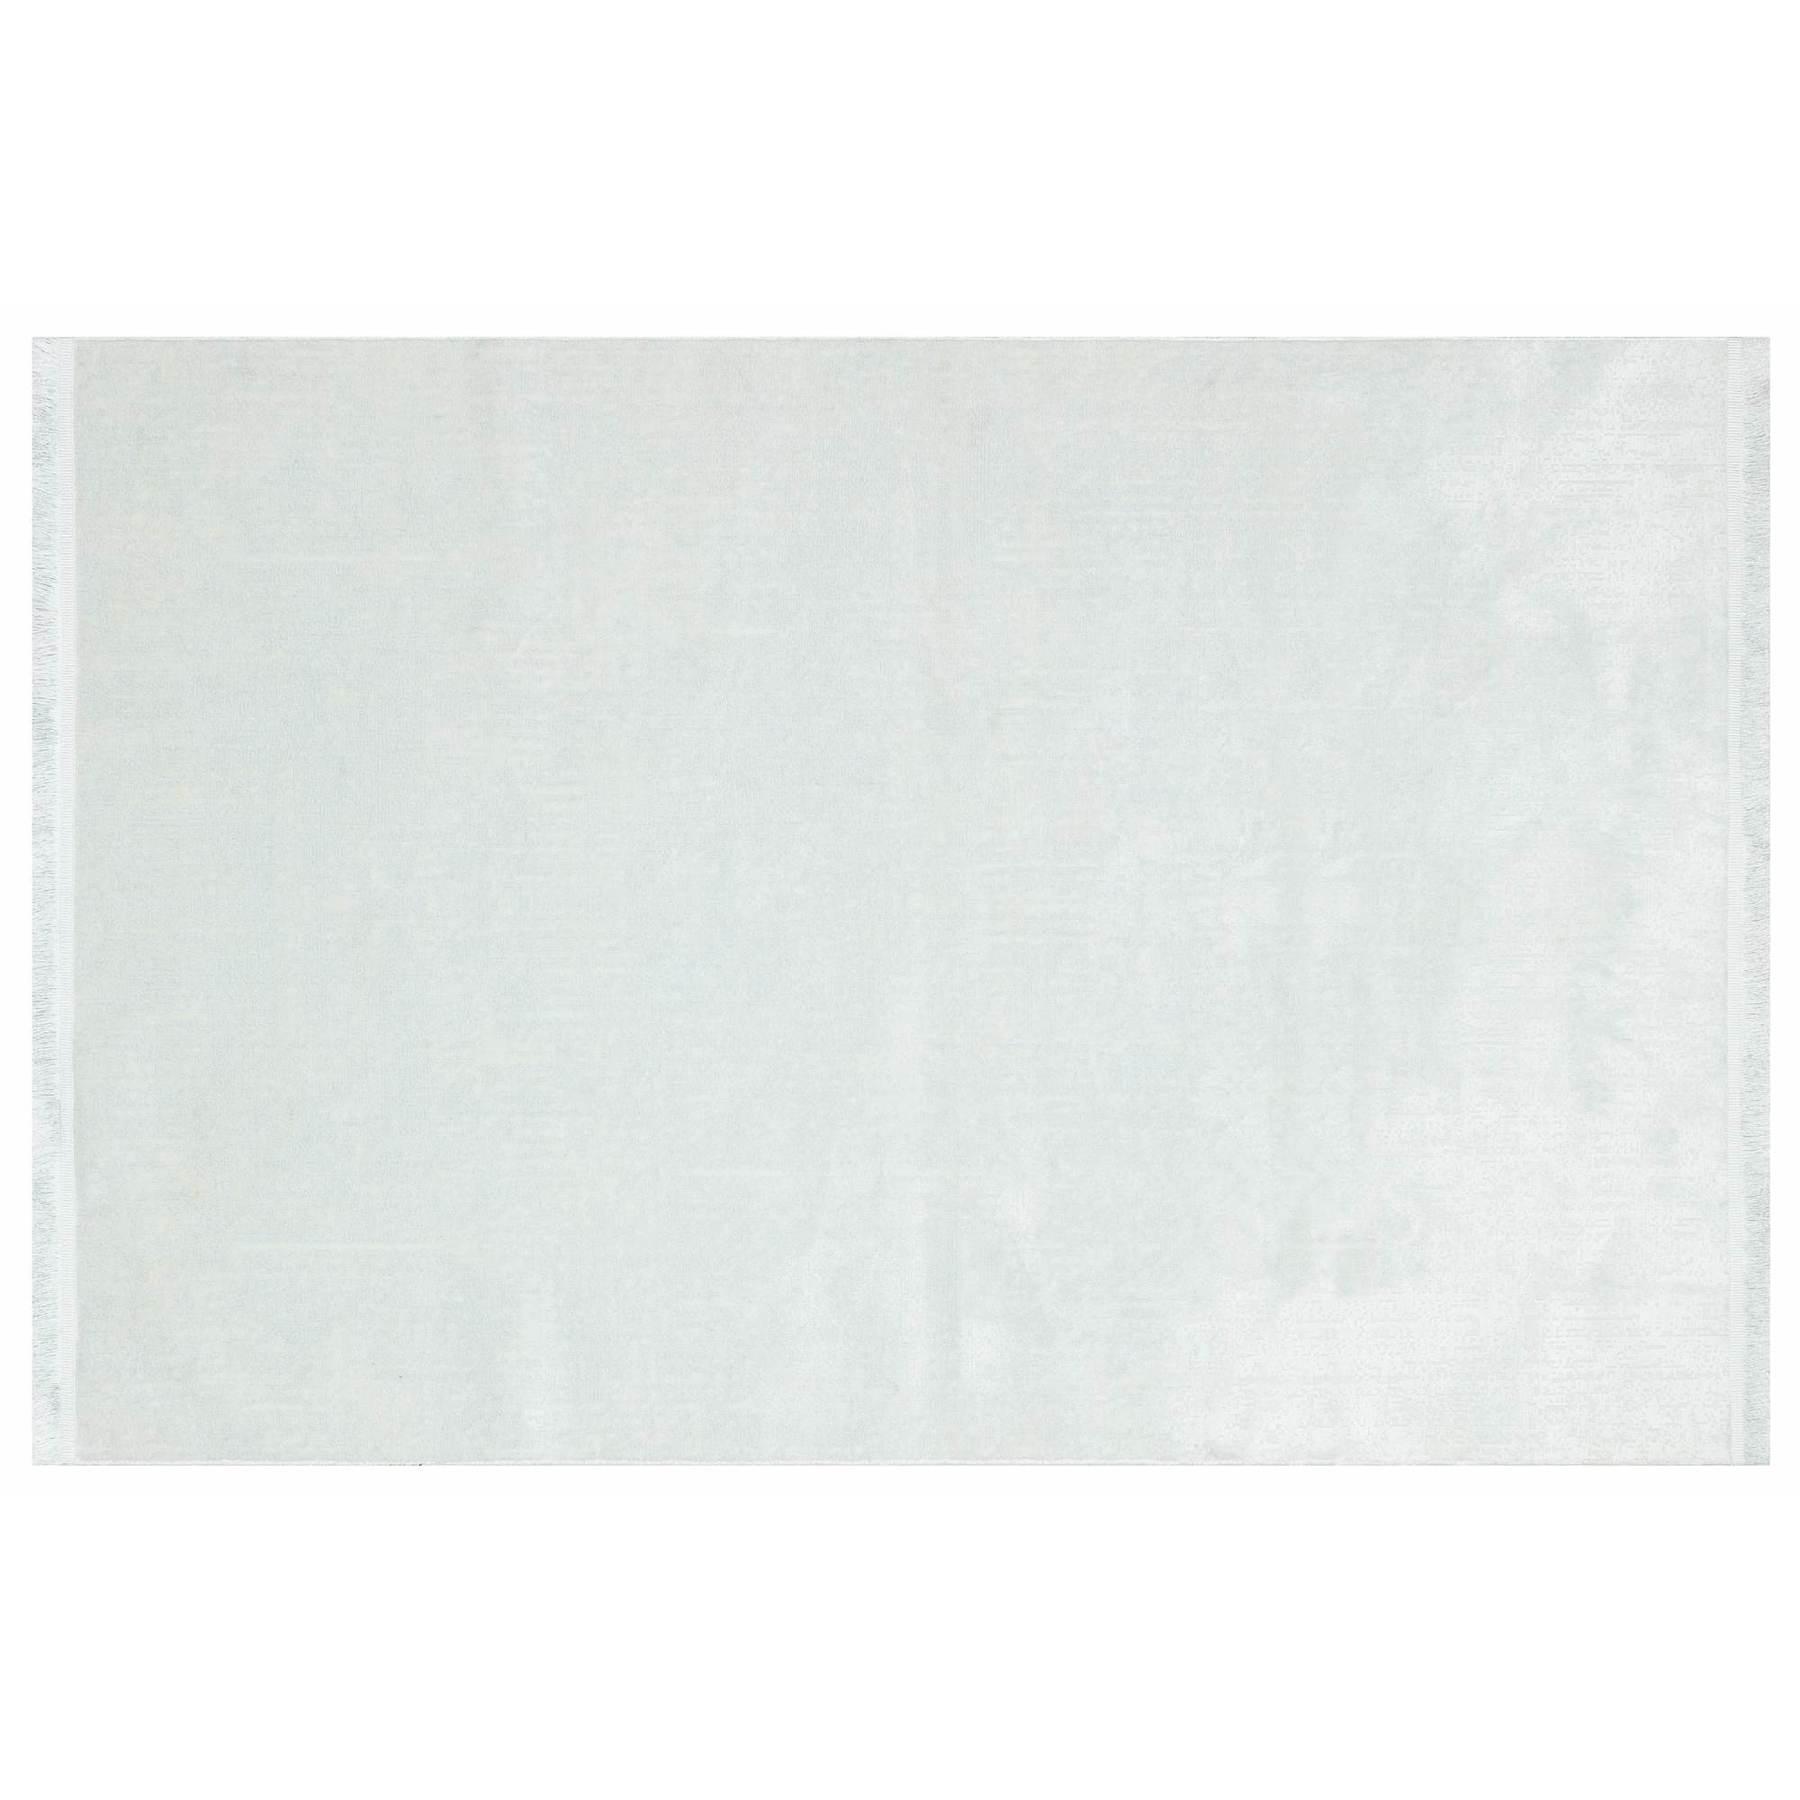 Apex Lucca 7 'x 10' полипропиленовый белый ковер